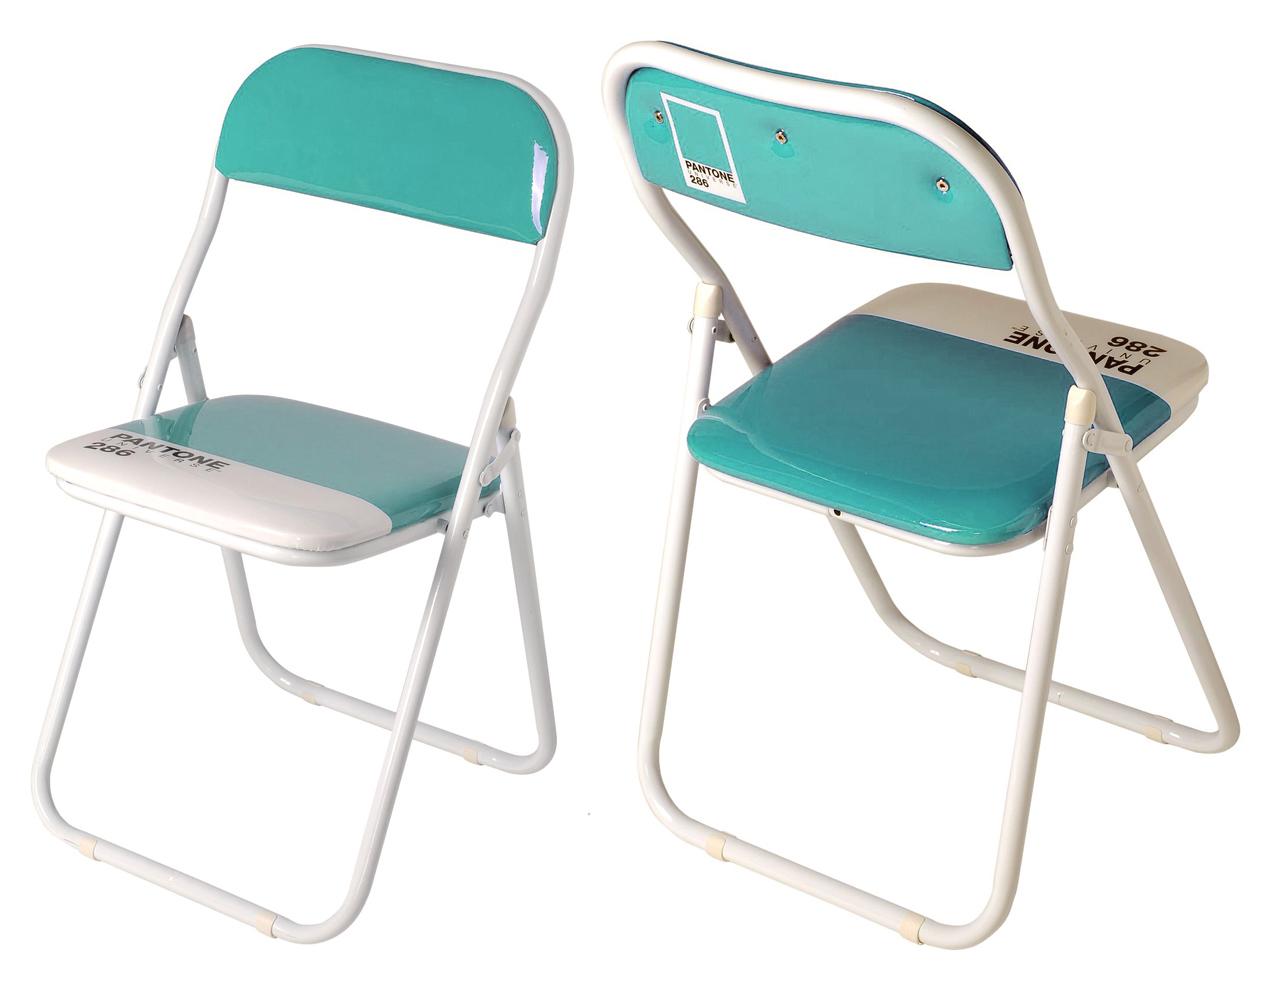 https://designathome.it/wp-content/uploads/2014/10/sedie-design-colorate-pantone-chair-1.jpg